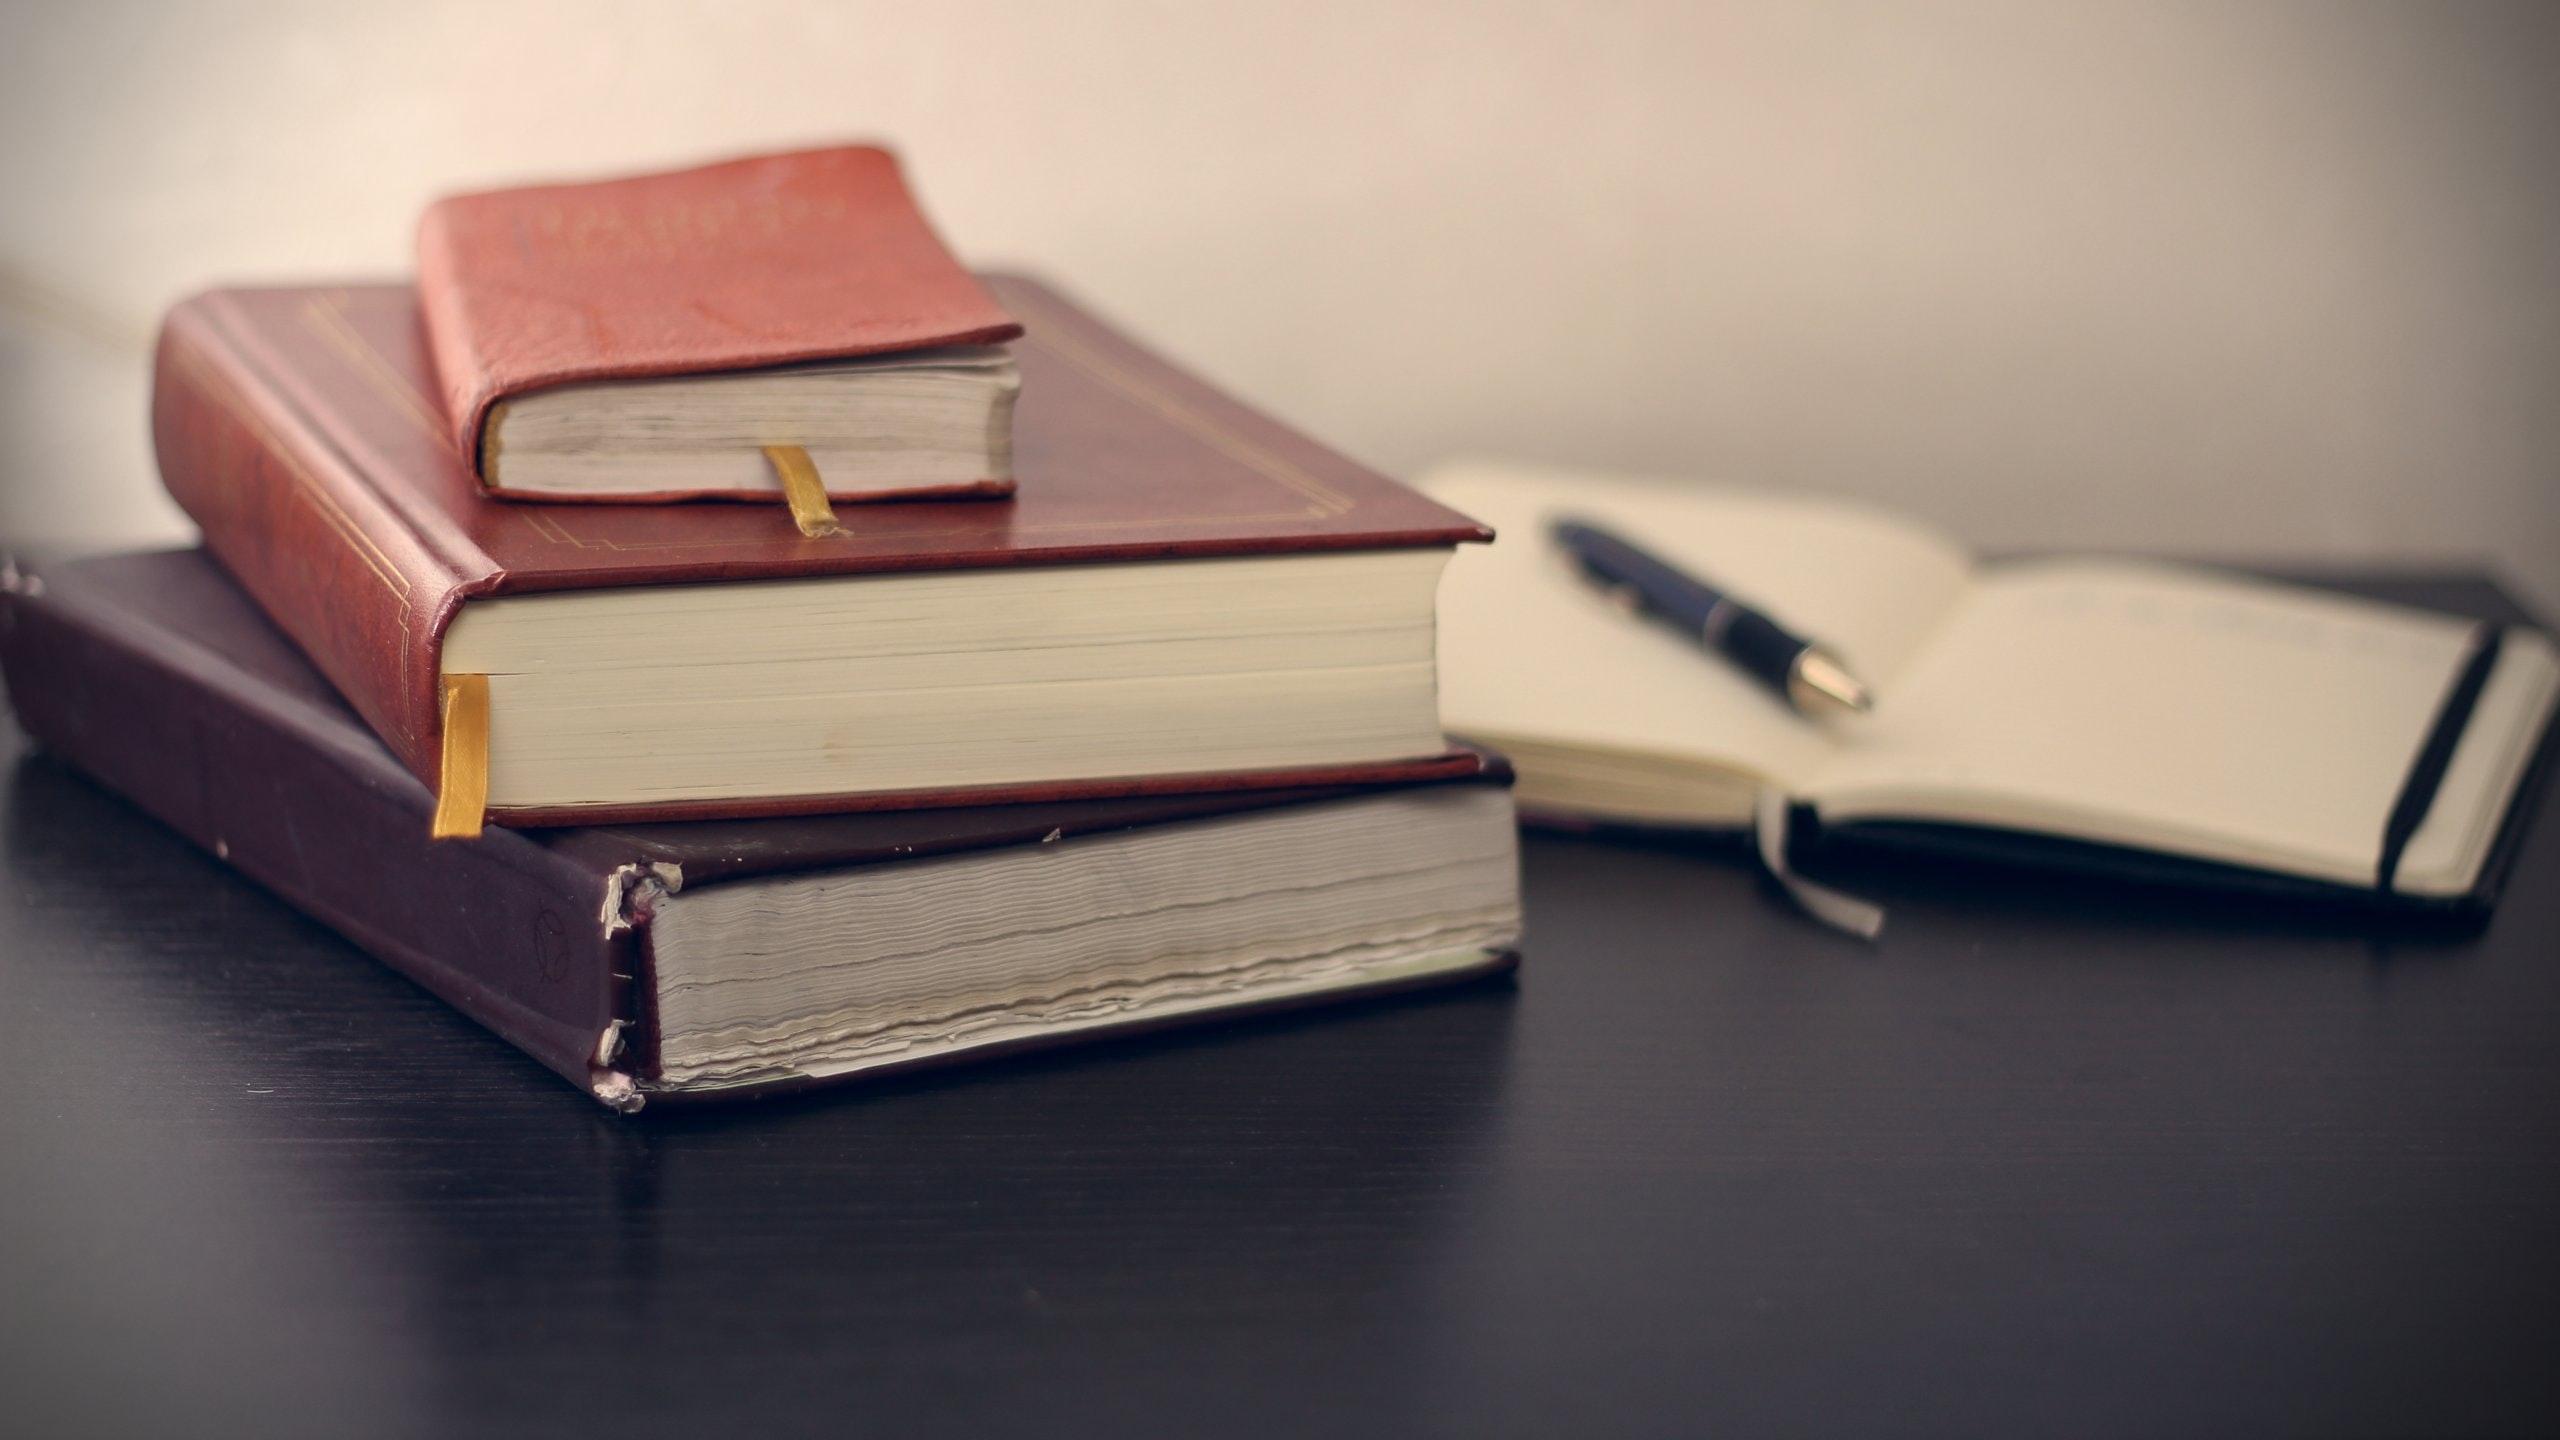 Apstiprināta metodika licencētas studiju programmas iekļaušanai studiju virziena akreditācijas lapā